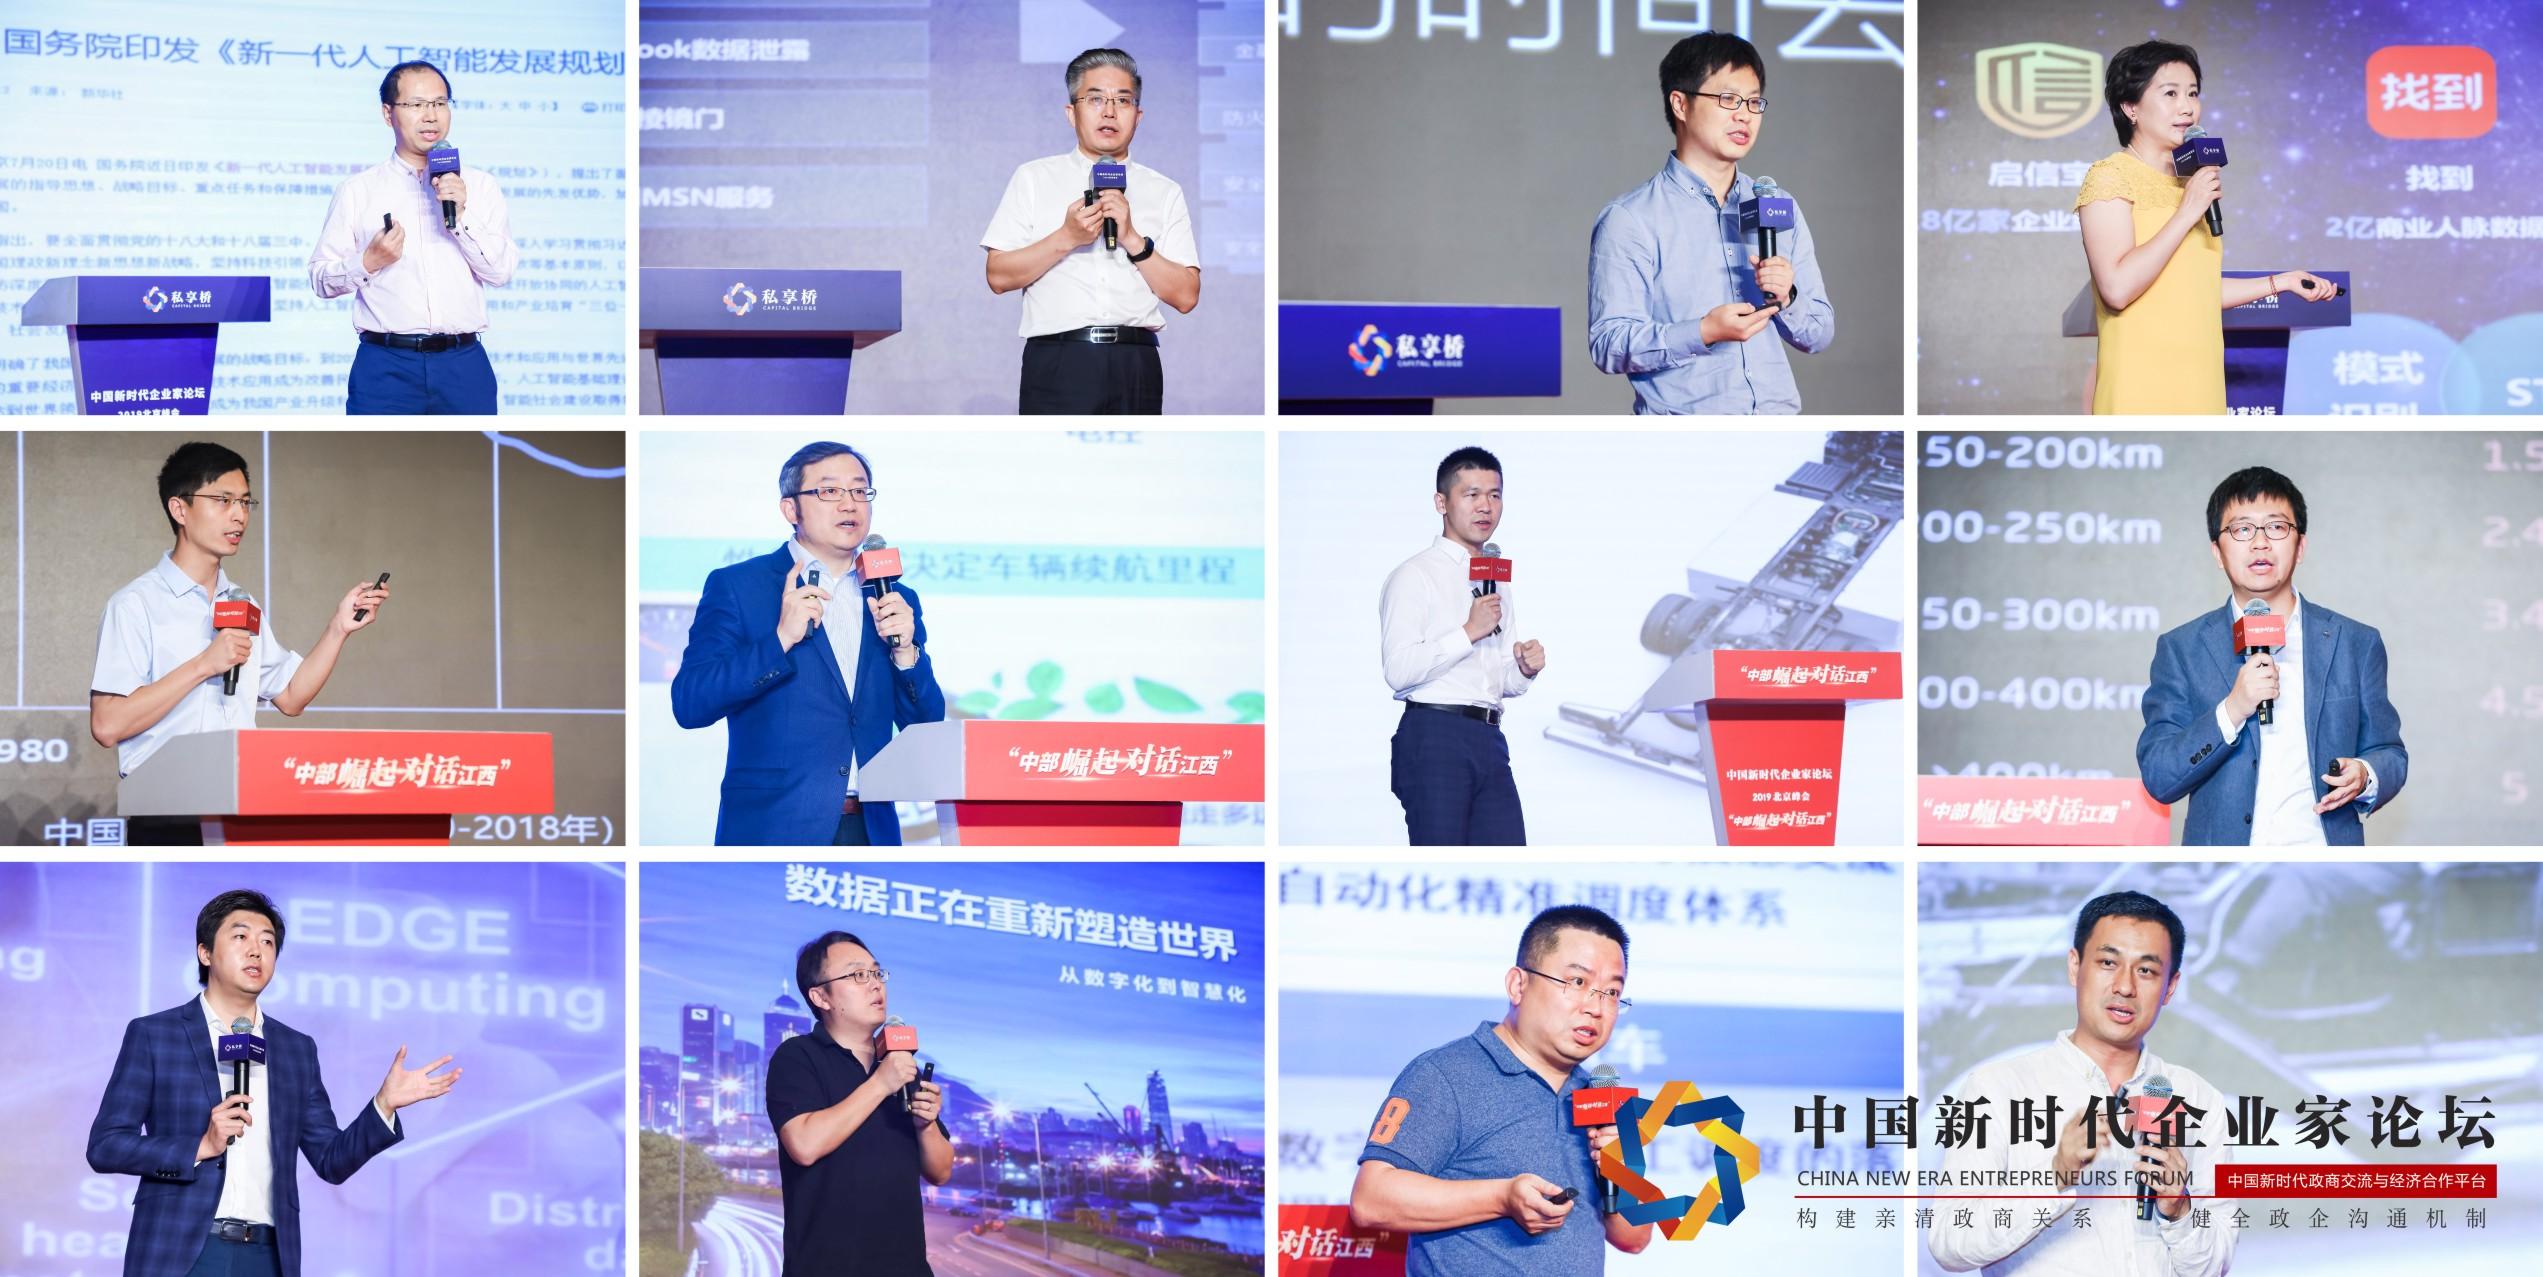 推动战略新兴产业发展 中国新时代企业家论坛2019北京峰会成功举办